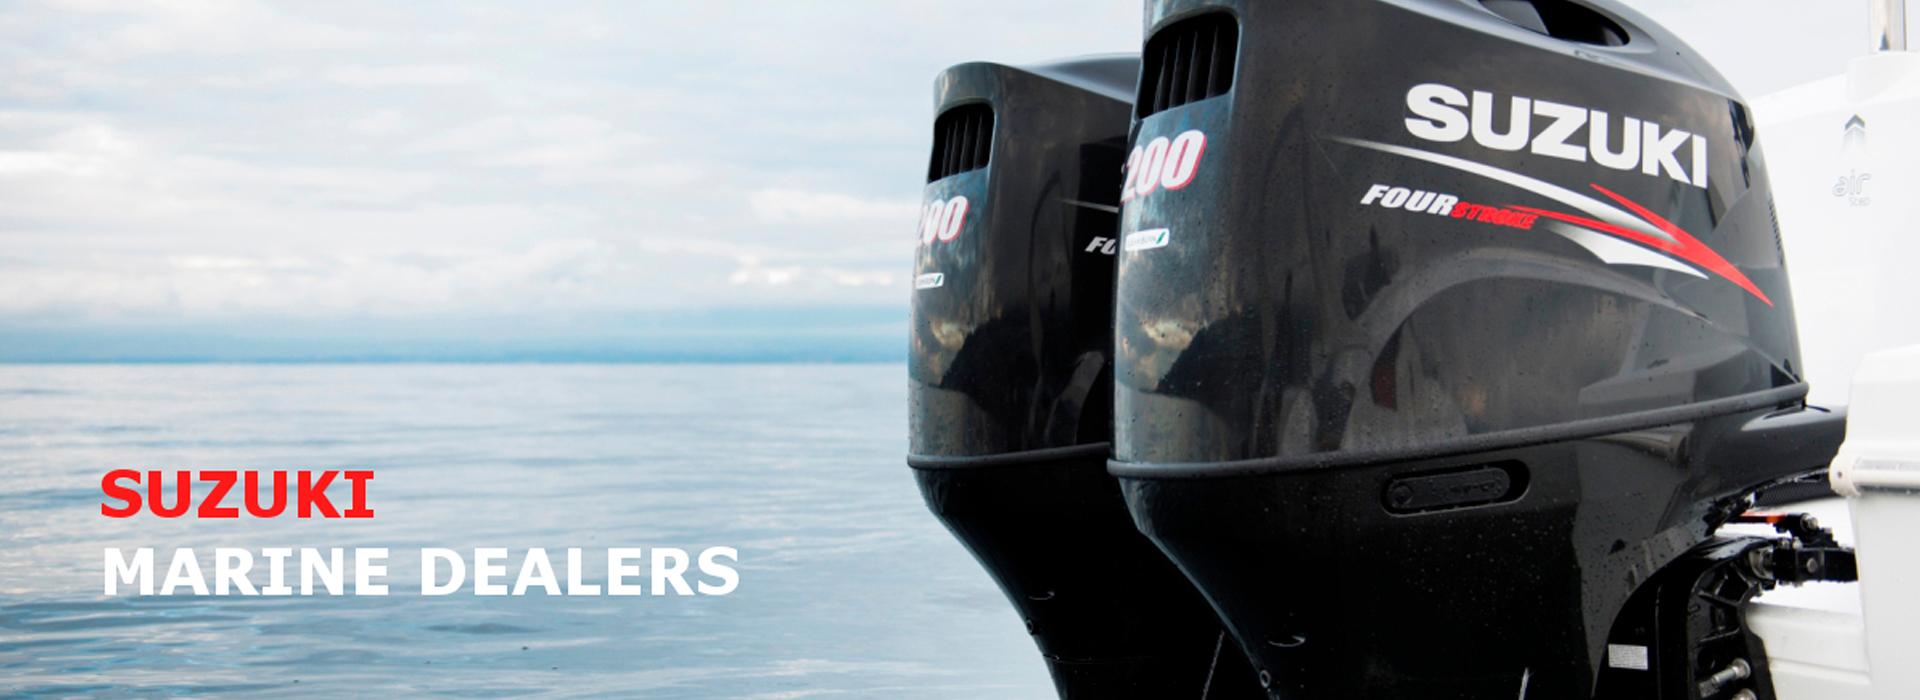 Suzuki Marine Dealers